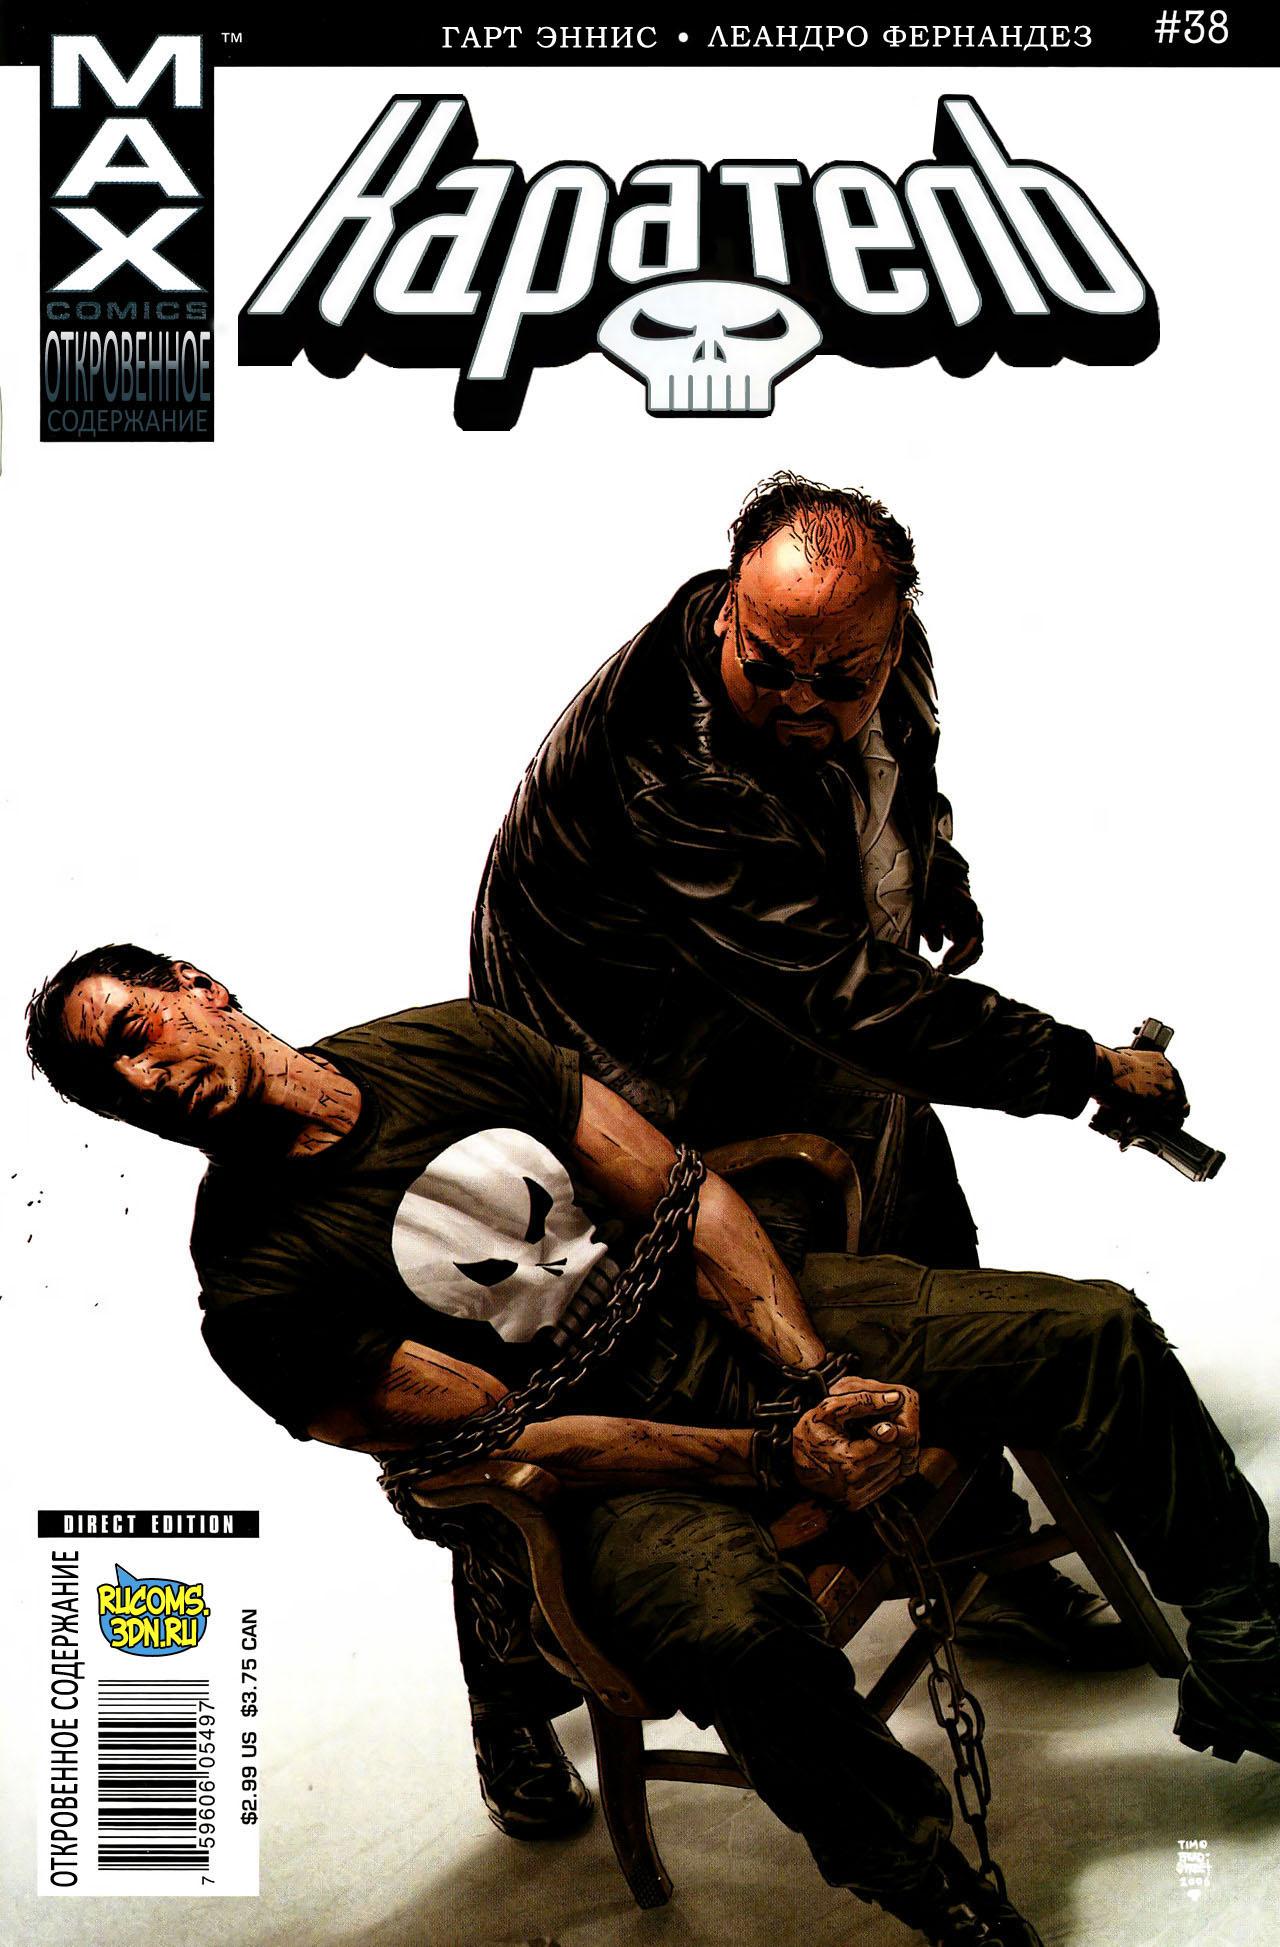 Комиксы Онлайн - Каратель том 6 - # 38 Человек из камня - часть вторая - Страница №1 - Punisher vol 6 - # 38